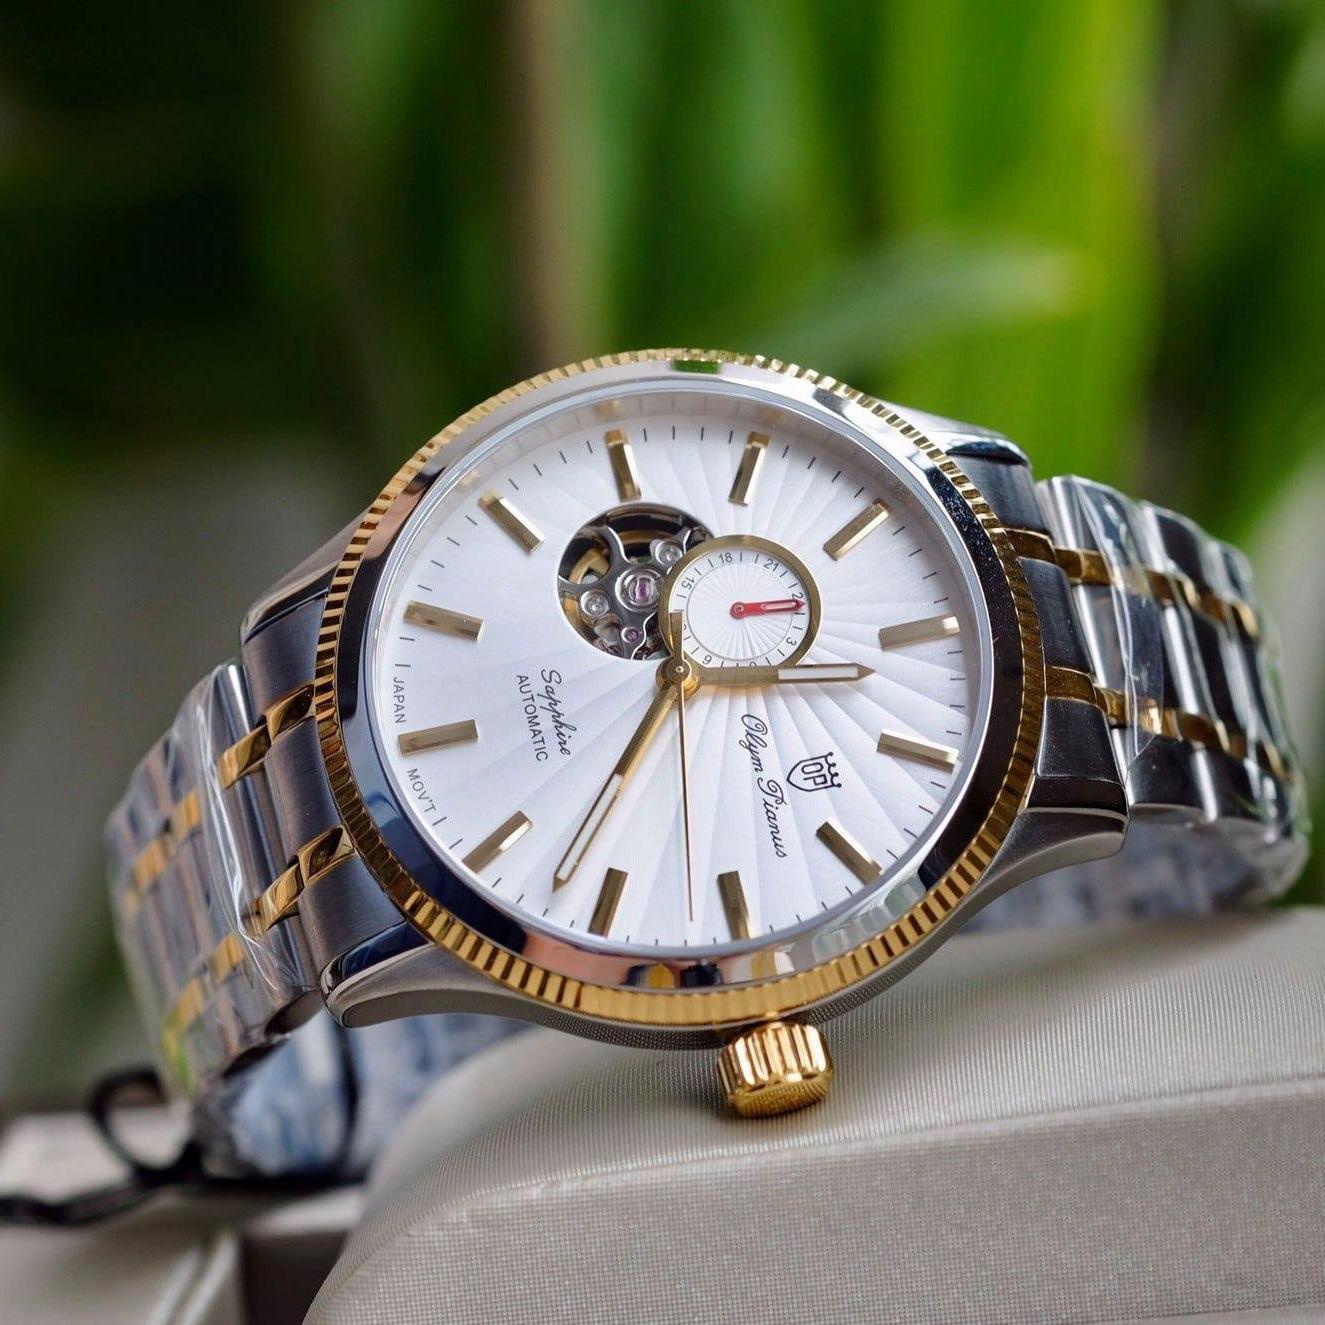 Đồng hồ Olym Pianus OP995.9AGSK-T